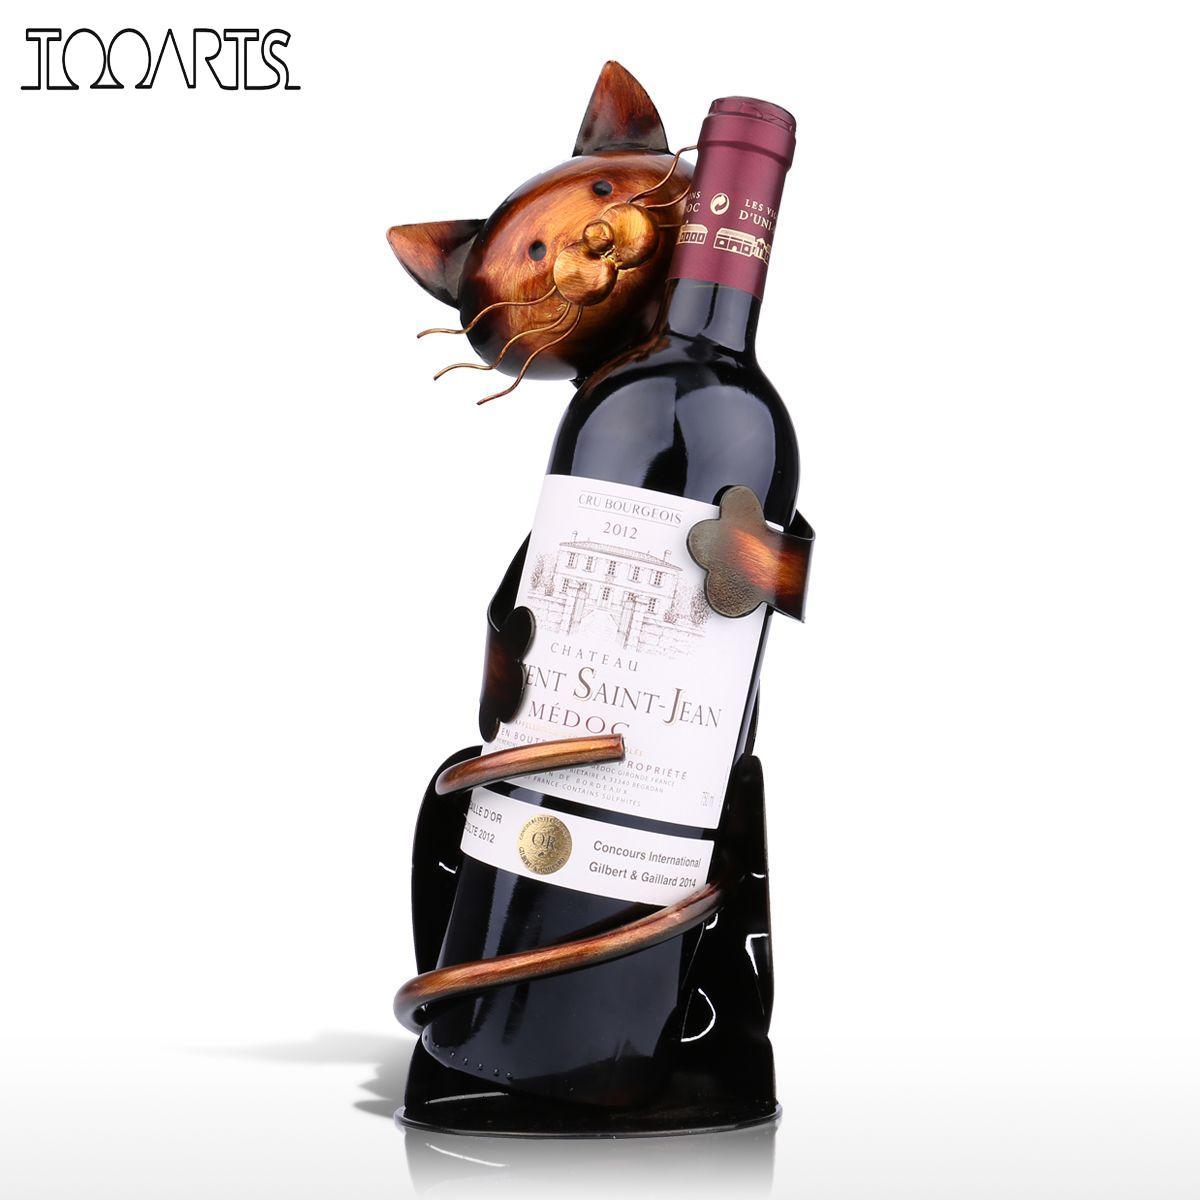 TOOARTS Gatto di Vino Supporto del Vino Vino Rack Scaffale di Metallo Scultura Pratico Scultura basamento del Vino Della Decorazione Della Casa Interni Artigianato